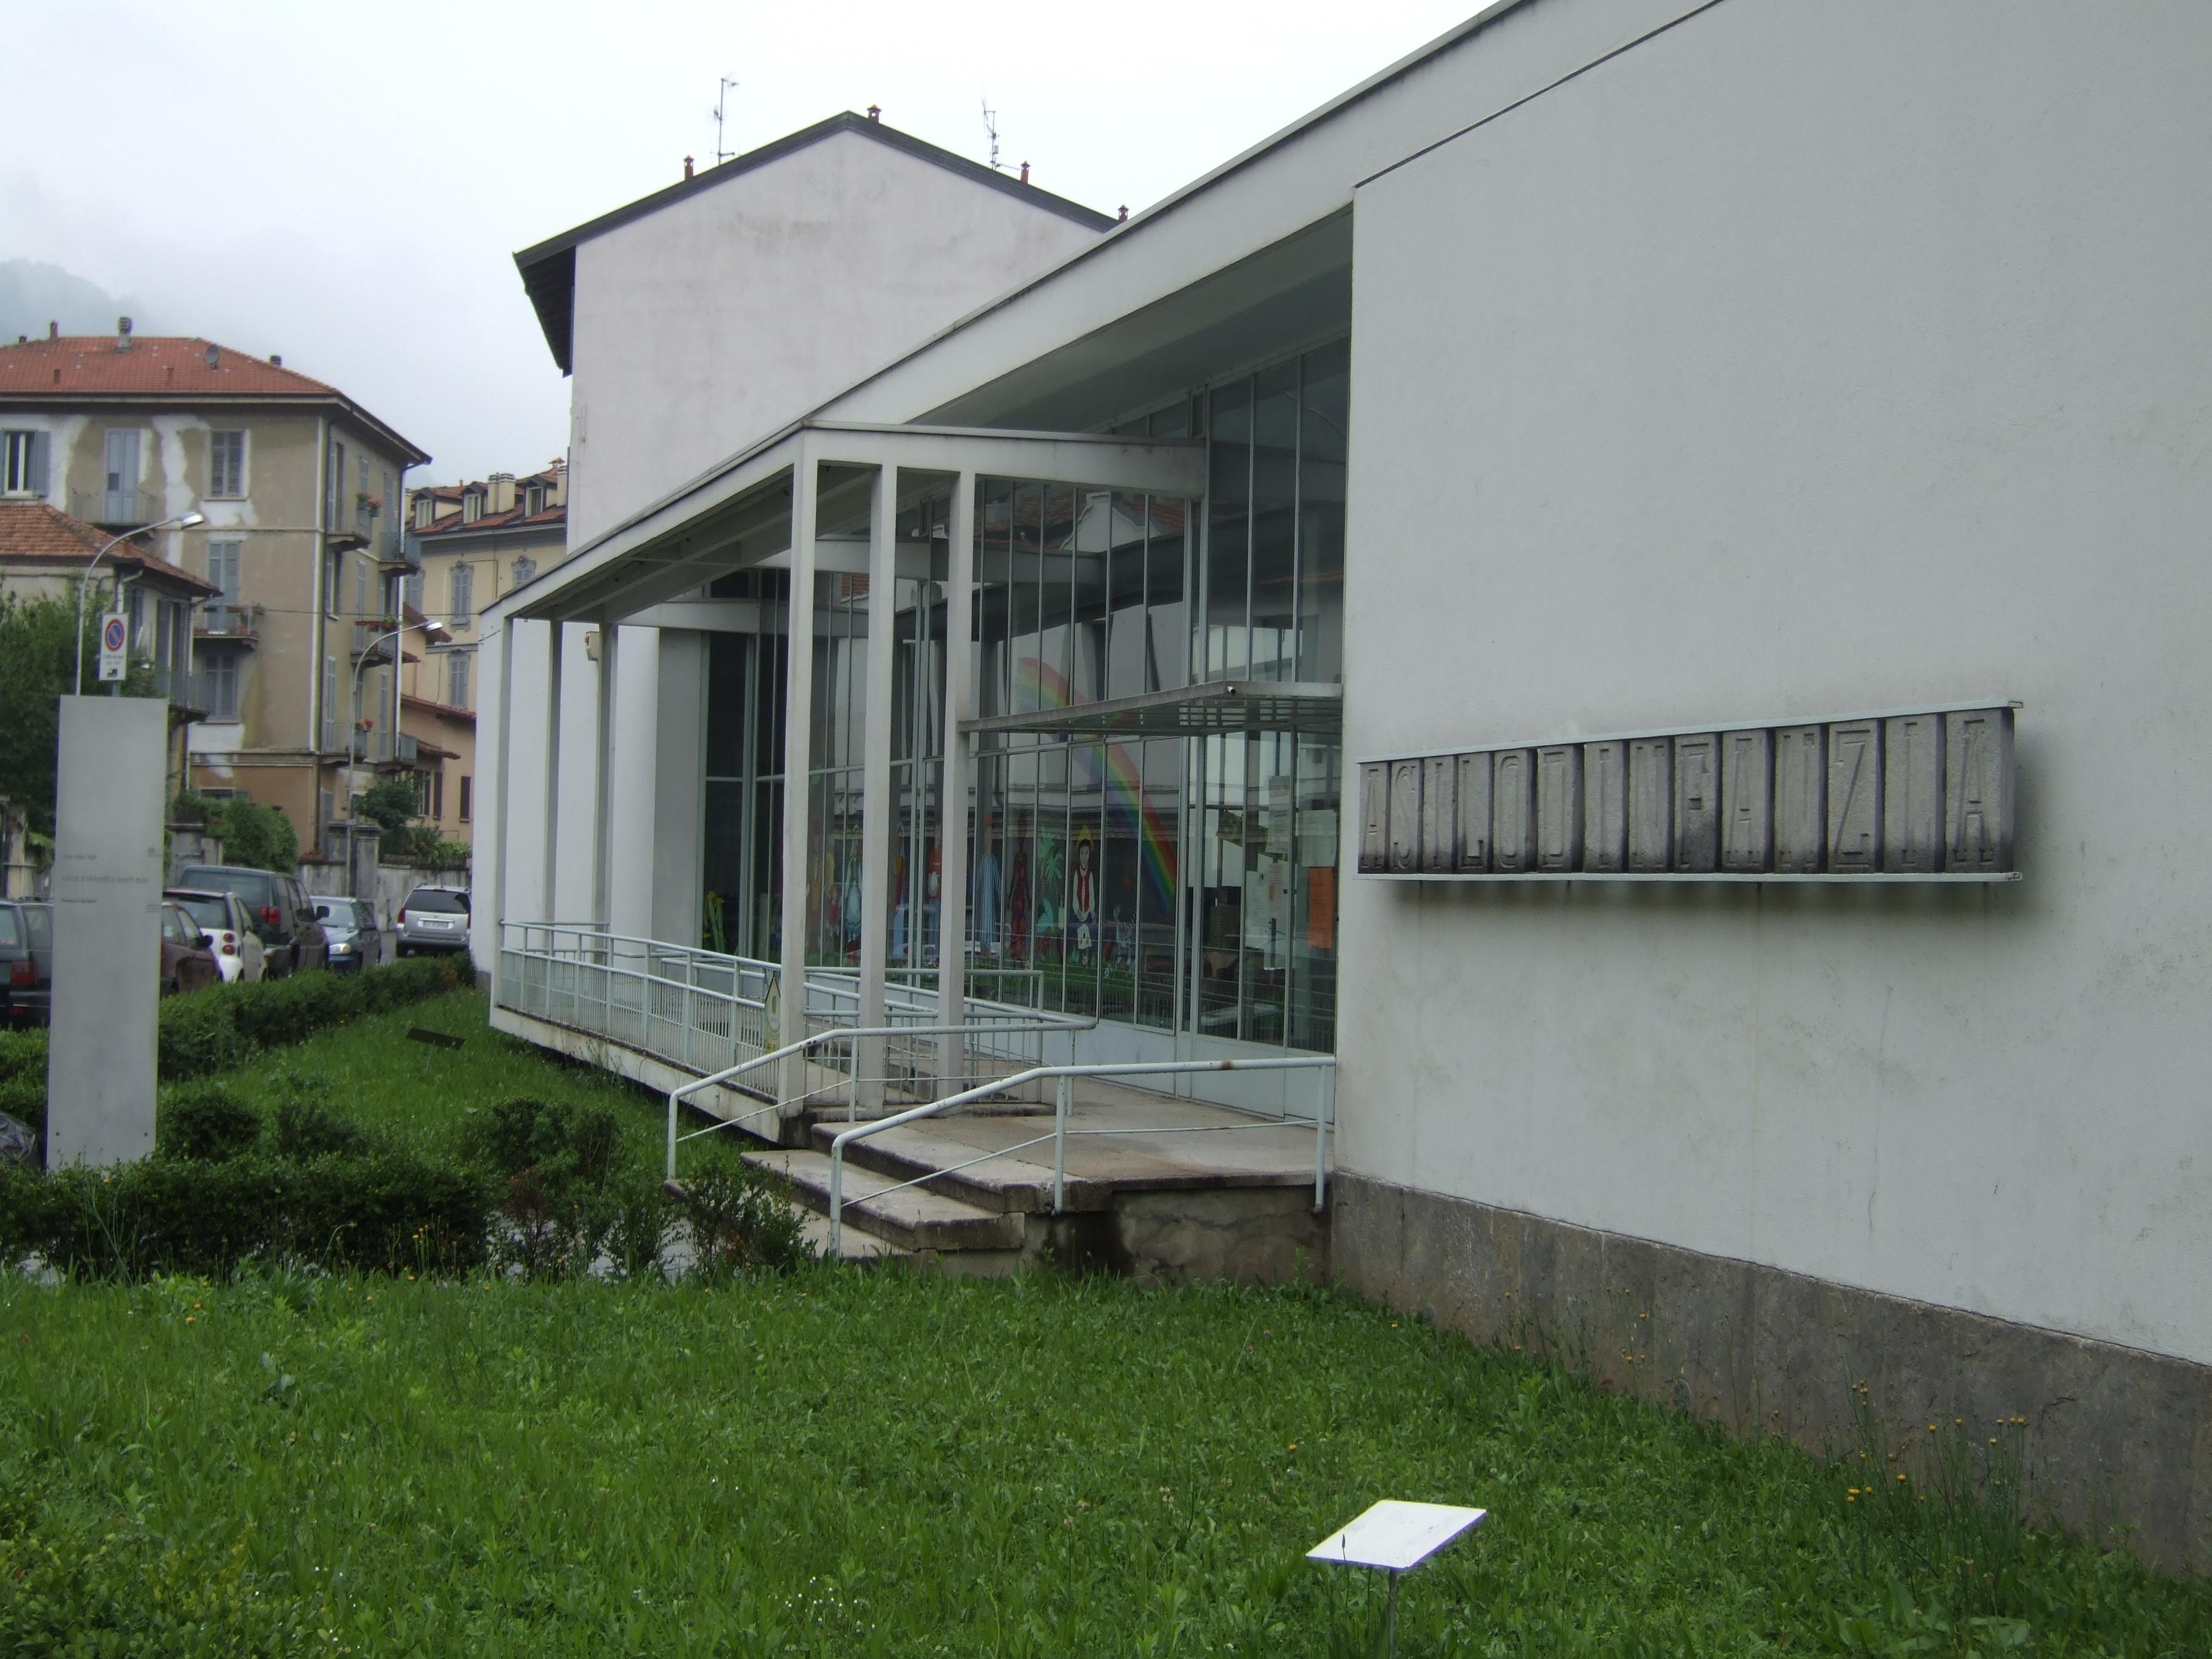 Nei dintorni guida turistica informale di varese e dintorni for Architetto sant elia